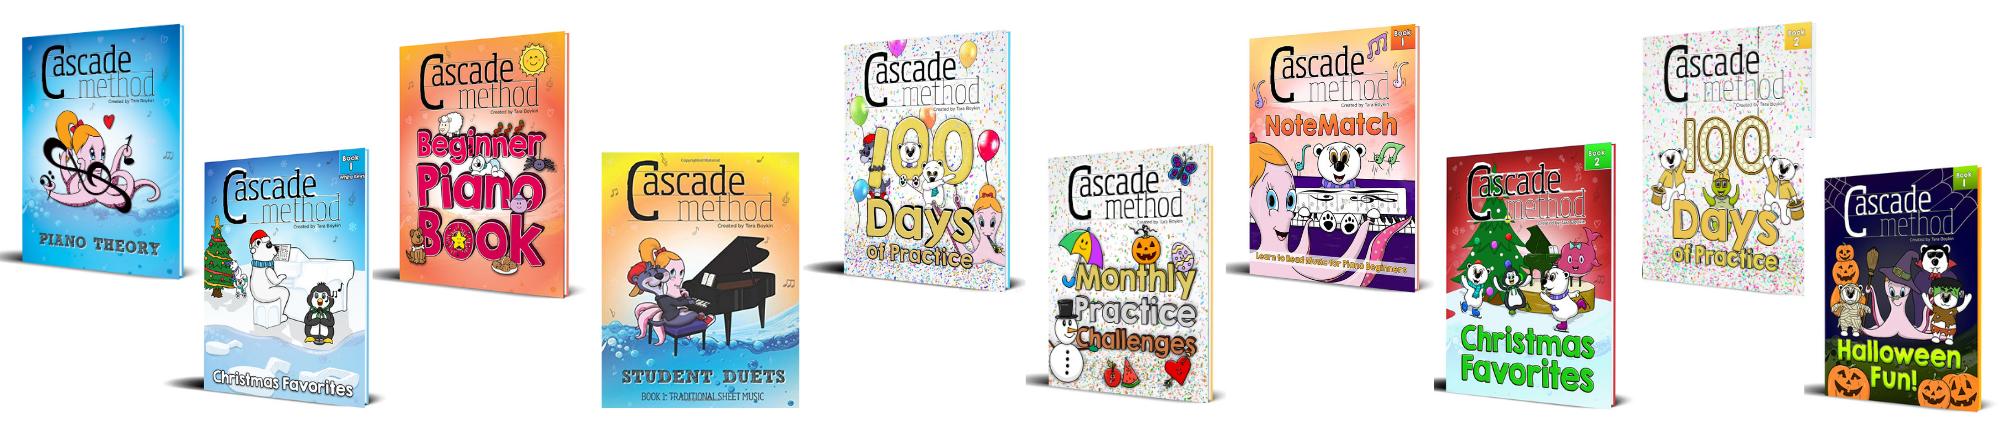 The Cascade Method Piano Book Collection